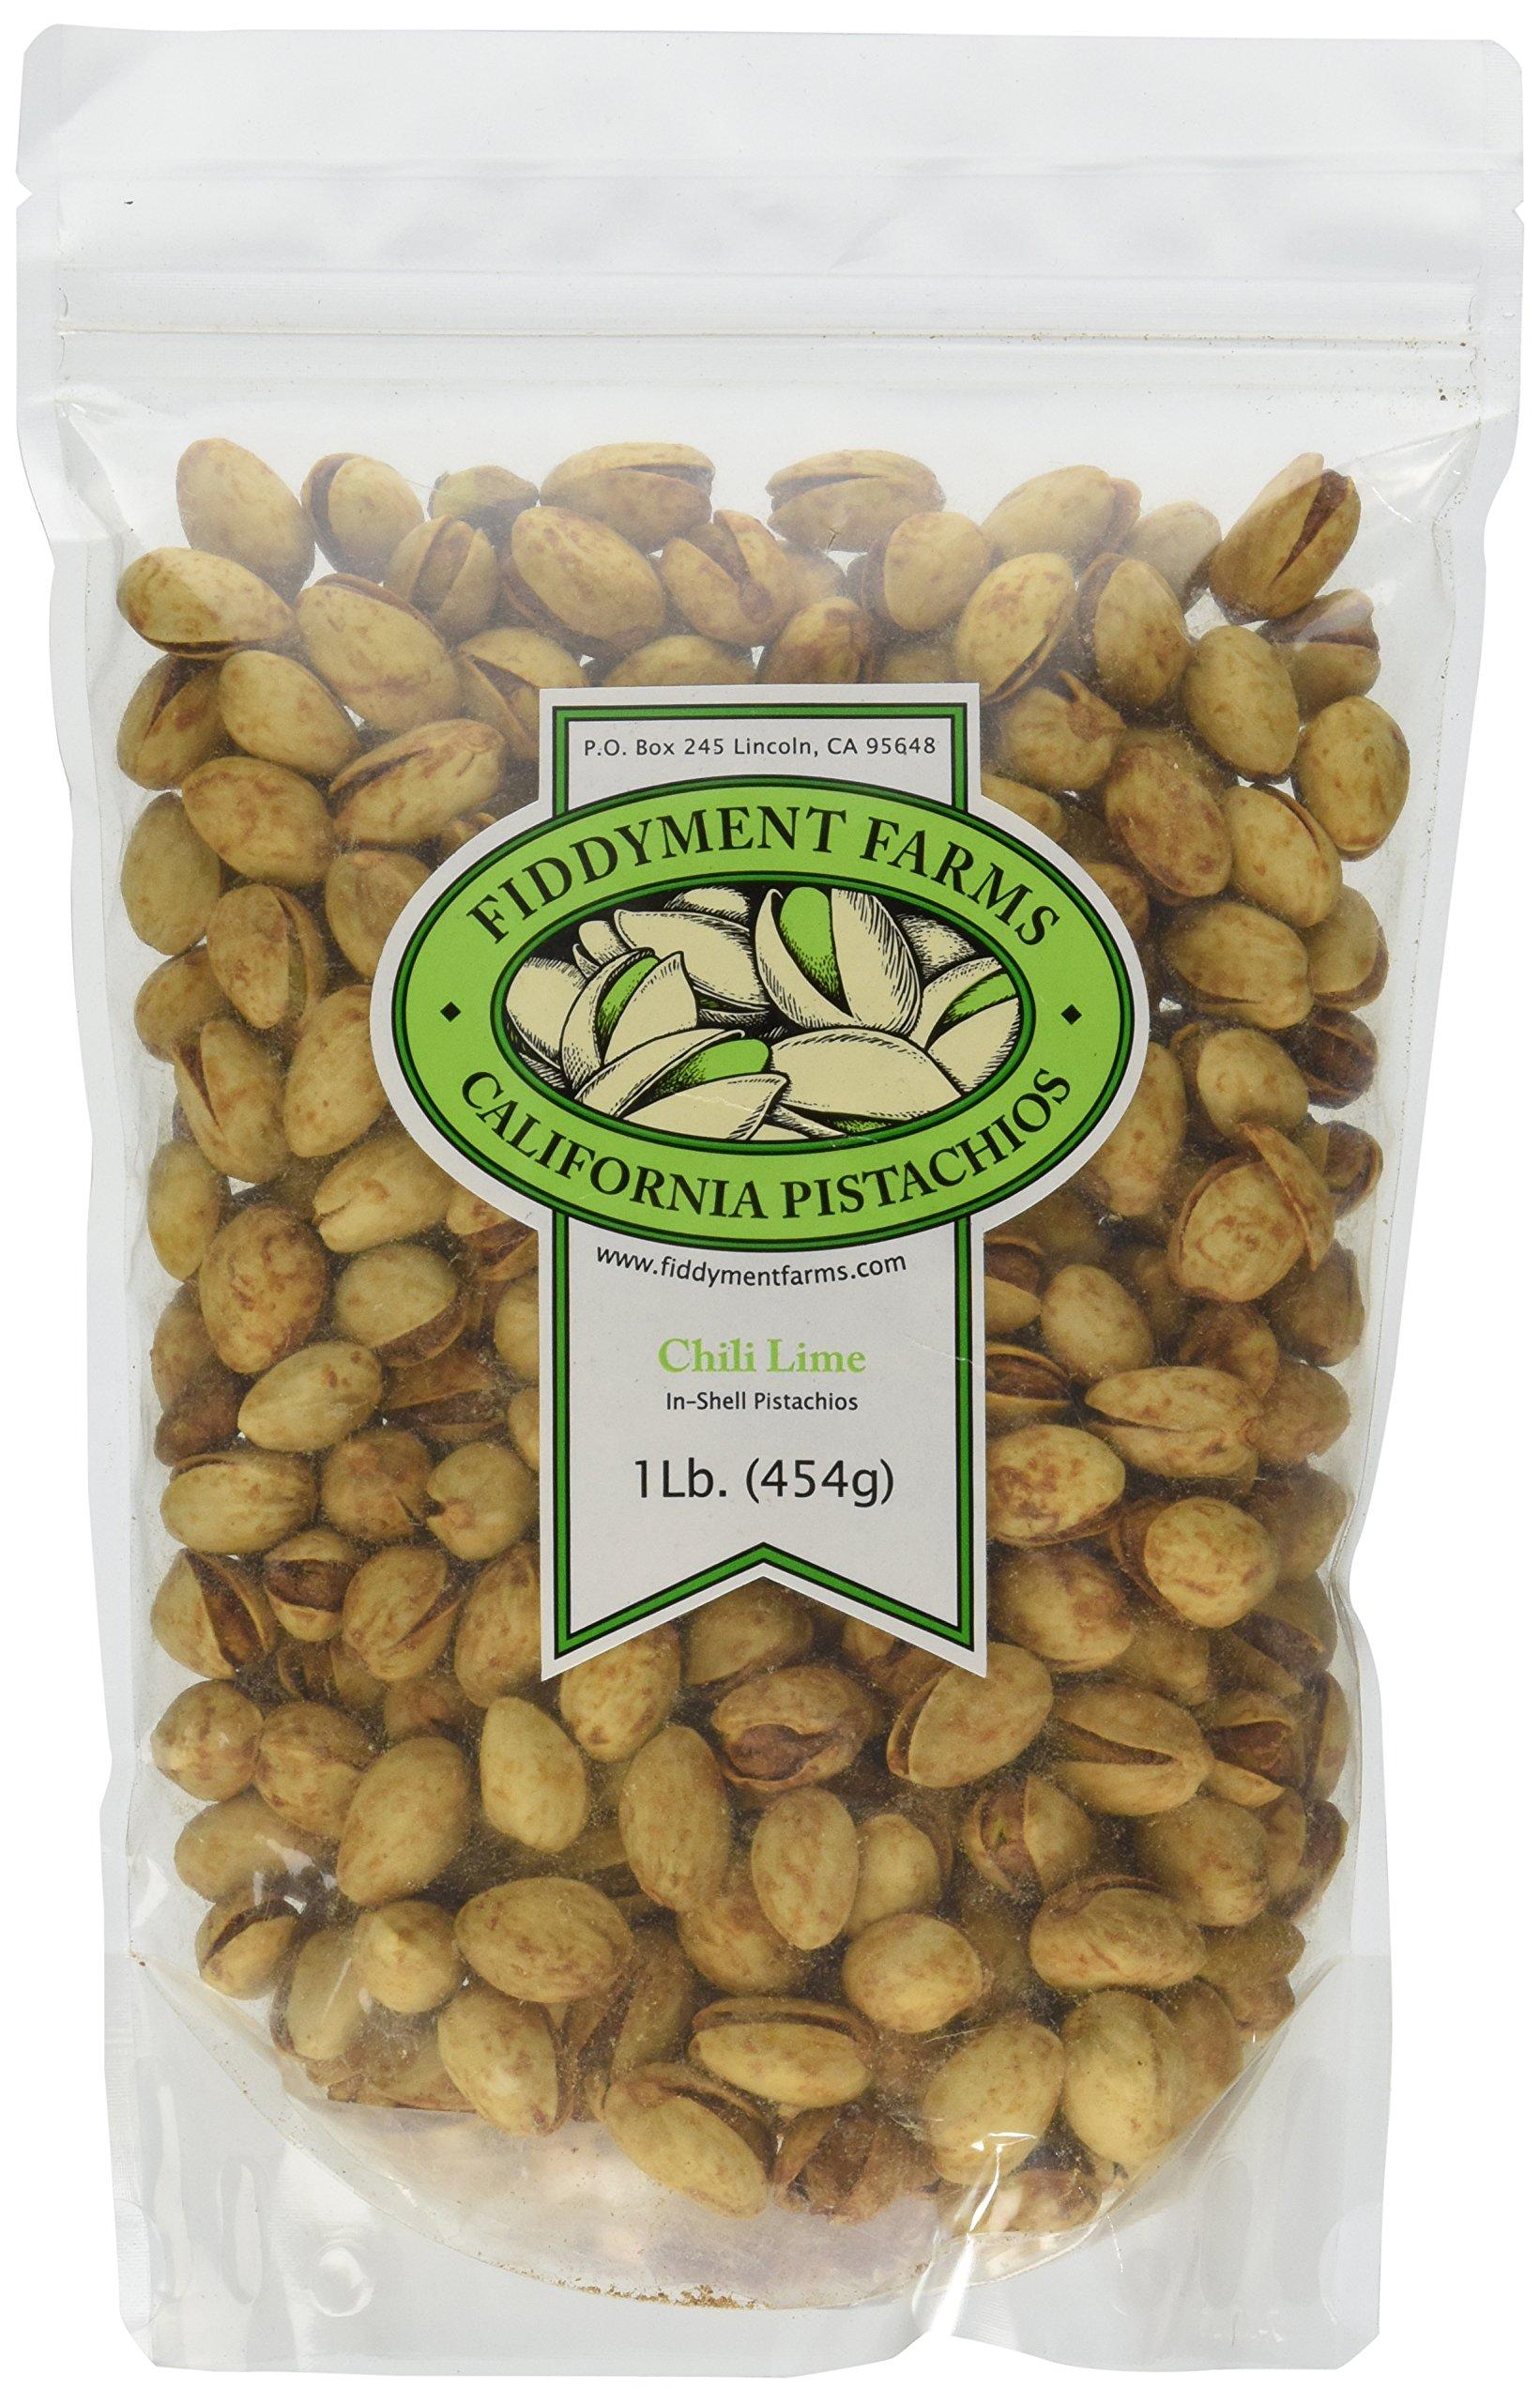 Fiddyment Farms 1 Lb. Chili Lime Pistachios